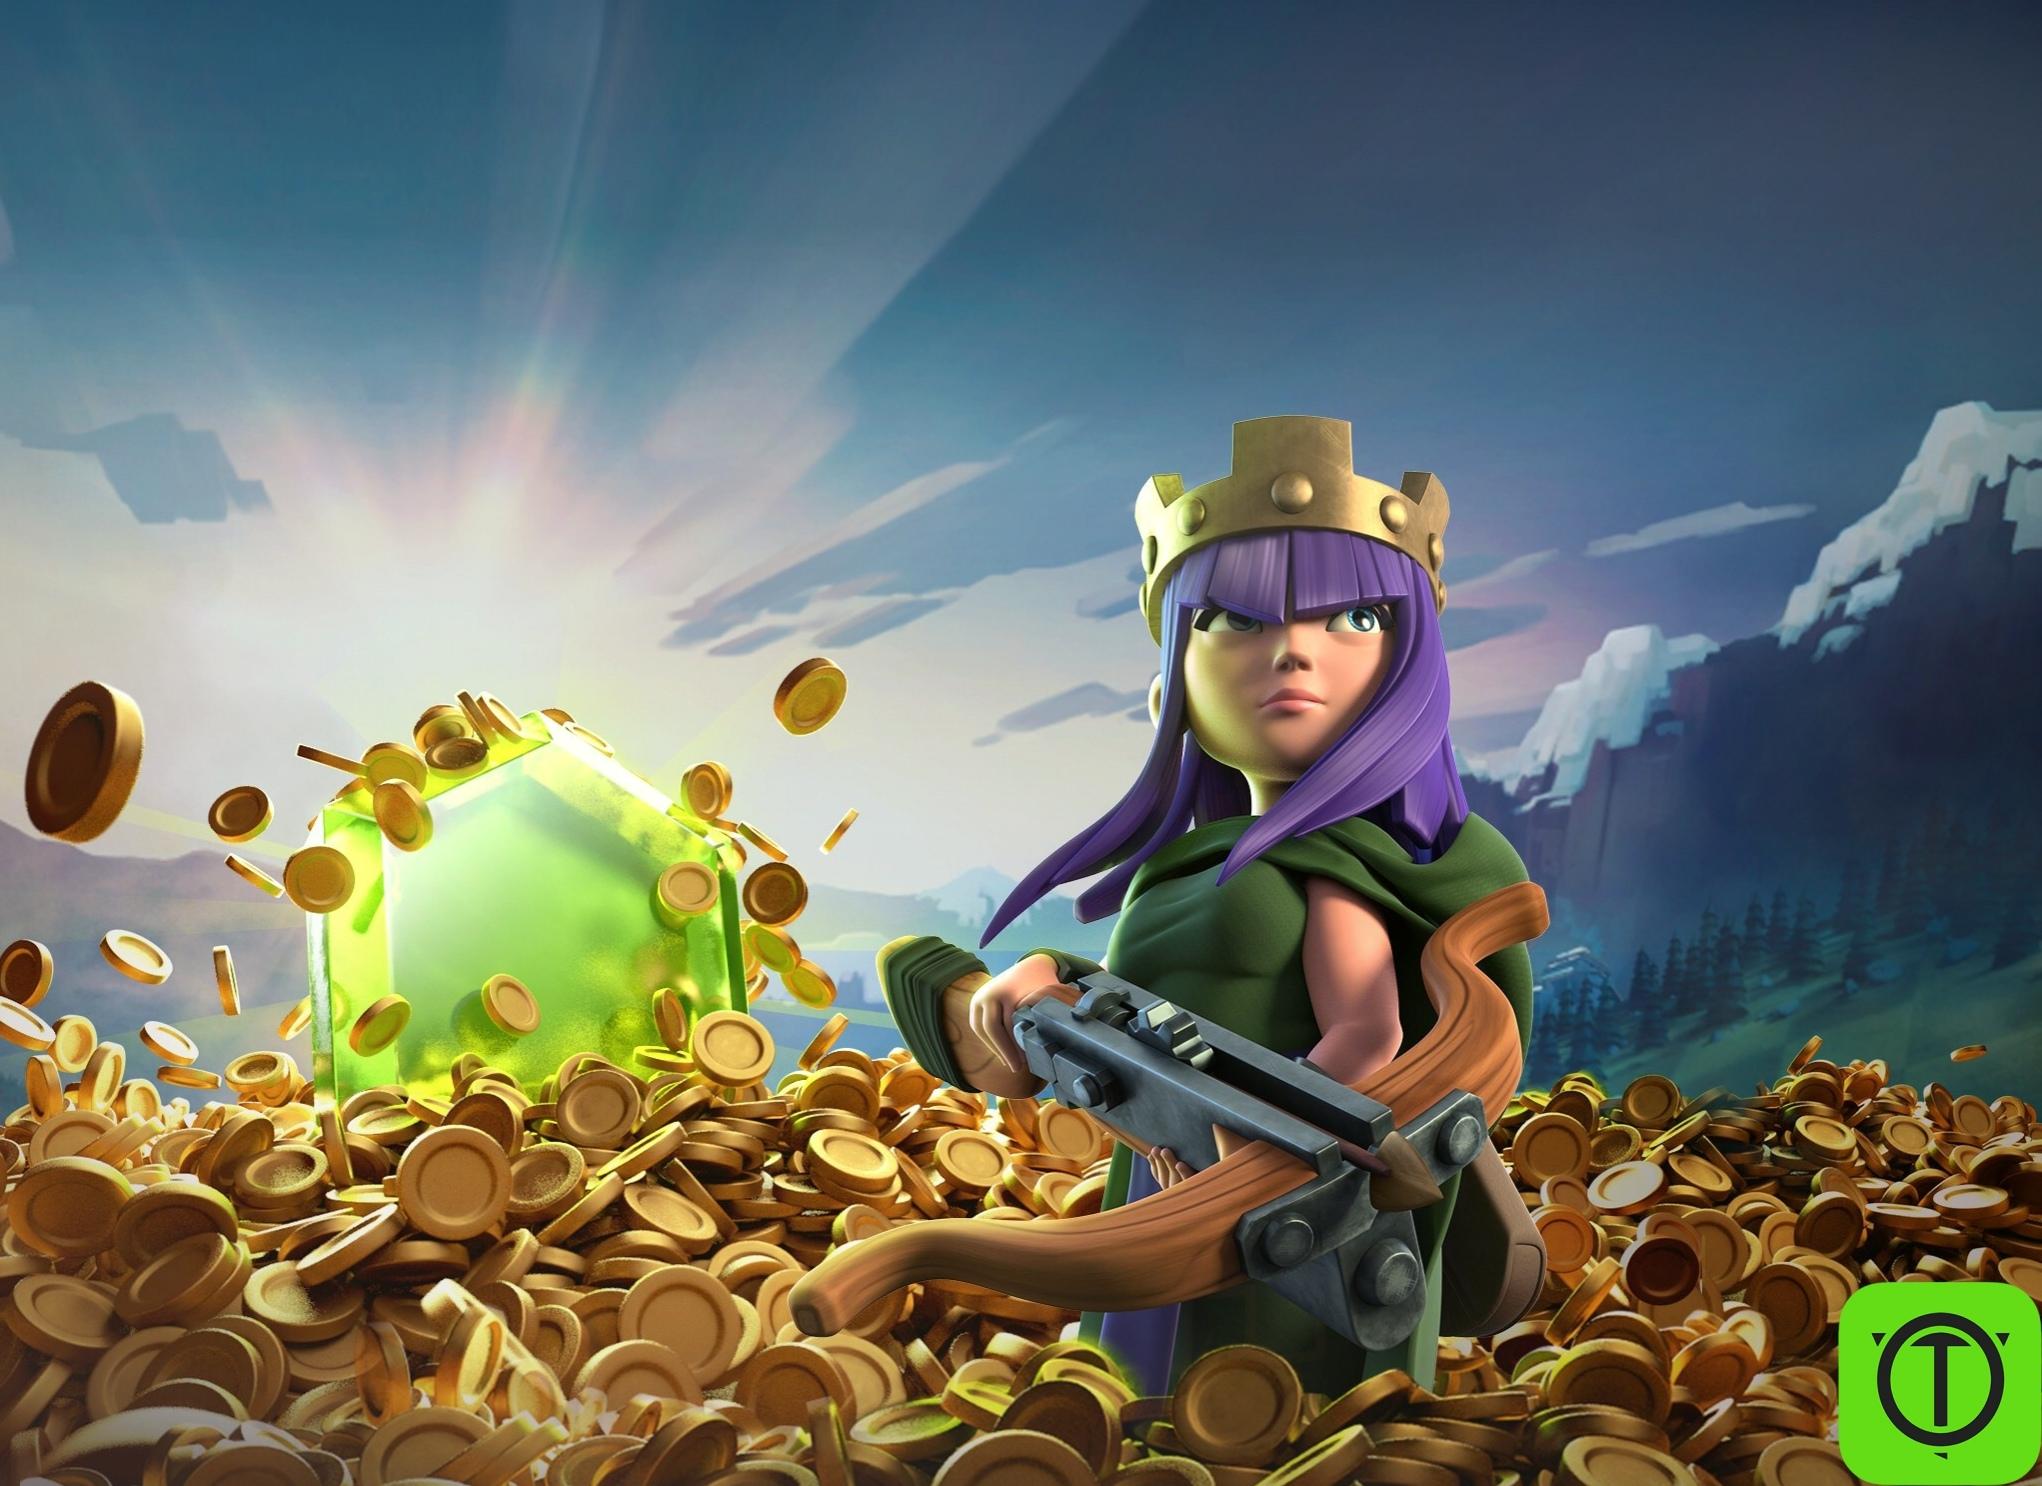 #НовостиCOC@aurum_yt В игре появились некоторые изменения баланса, которые